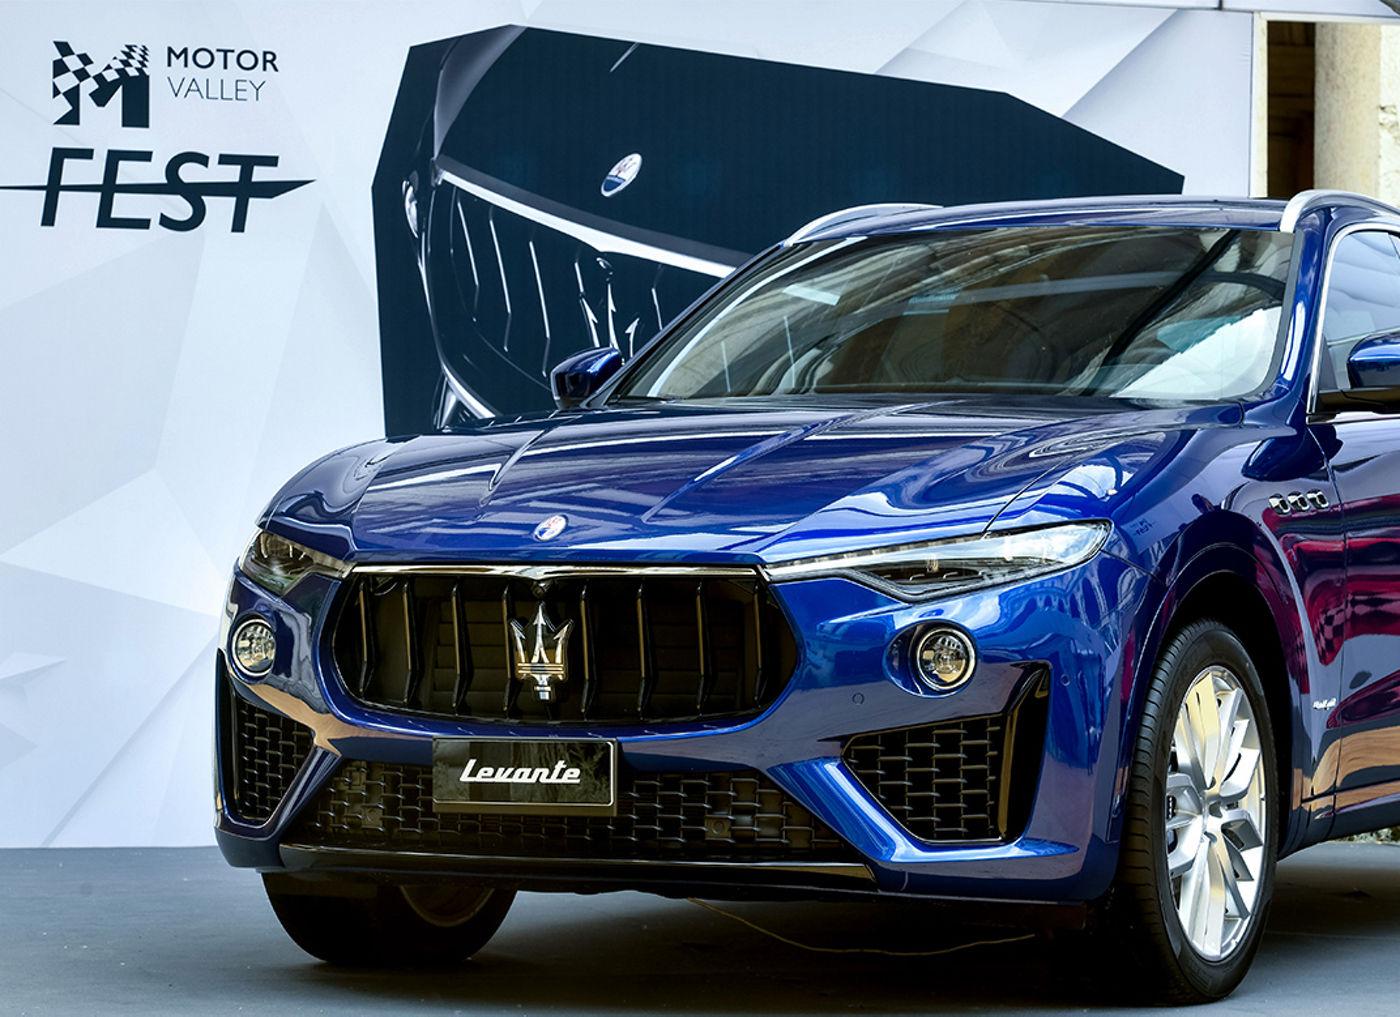 Maserati Levante colore Blu Emozione - Motor Valley Fest 2019